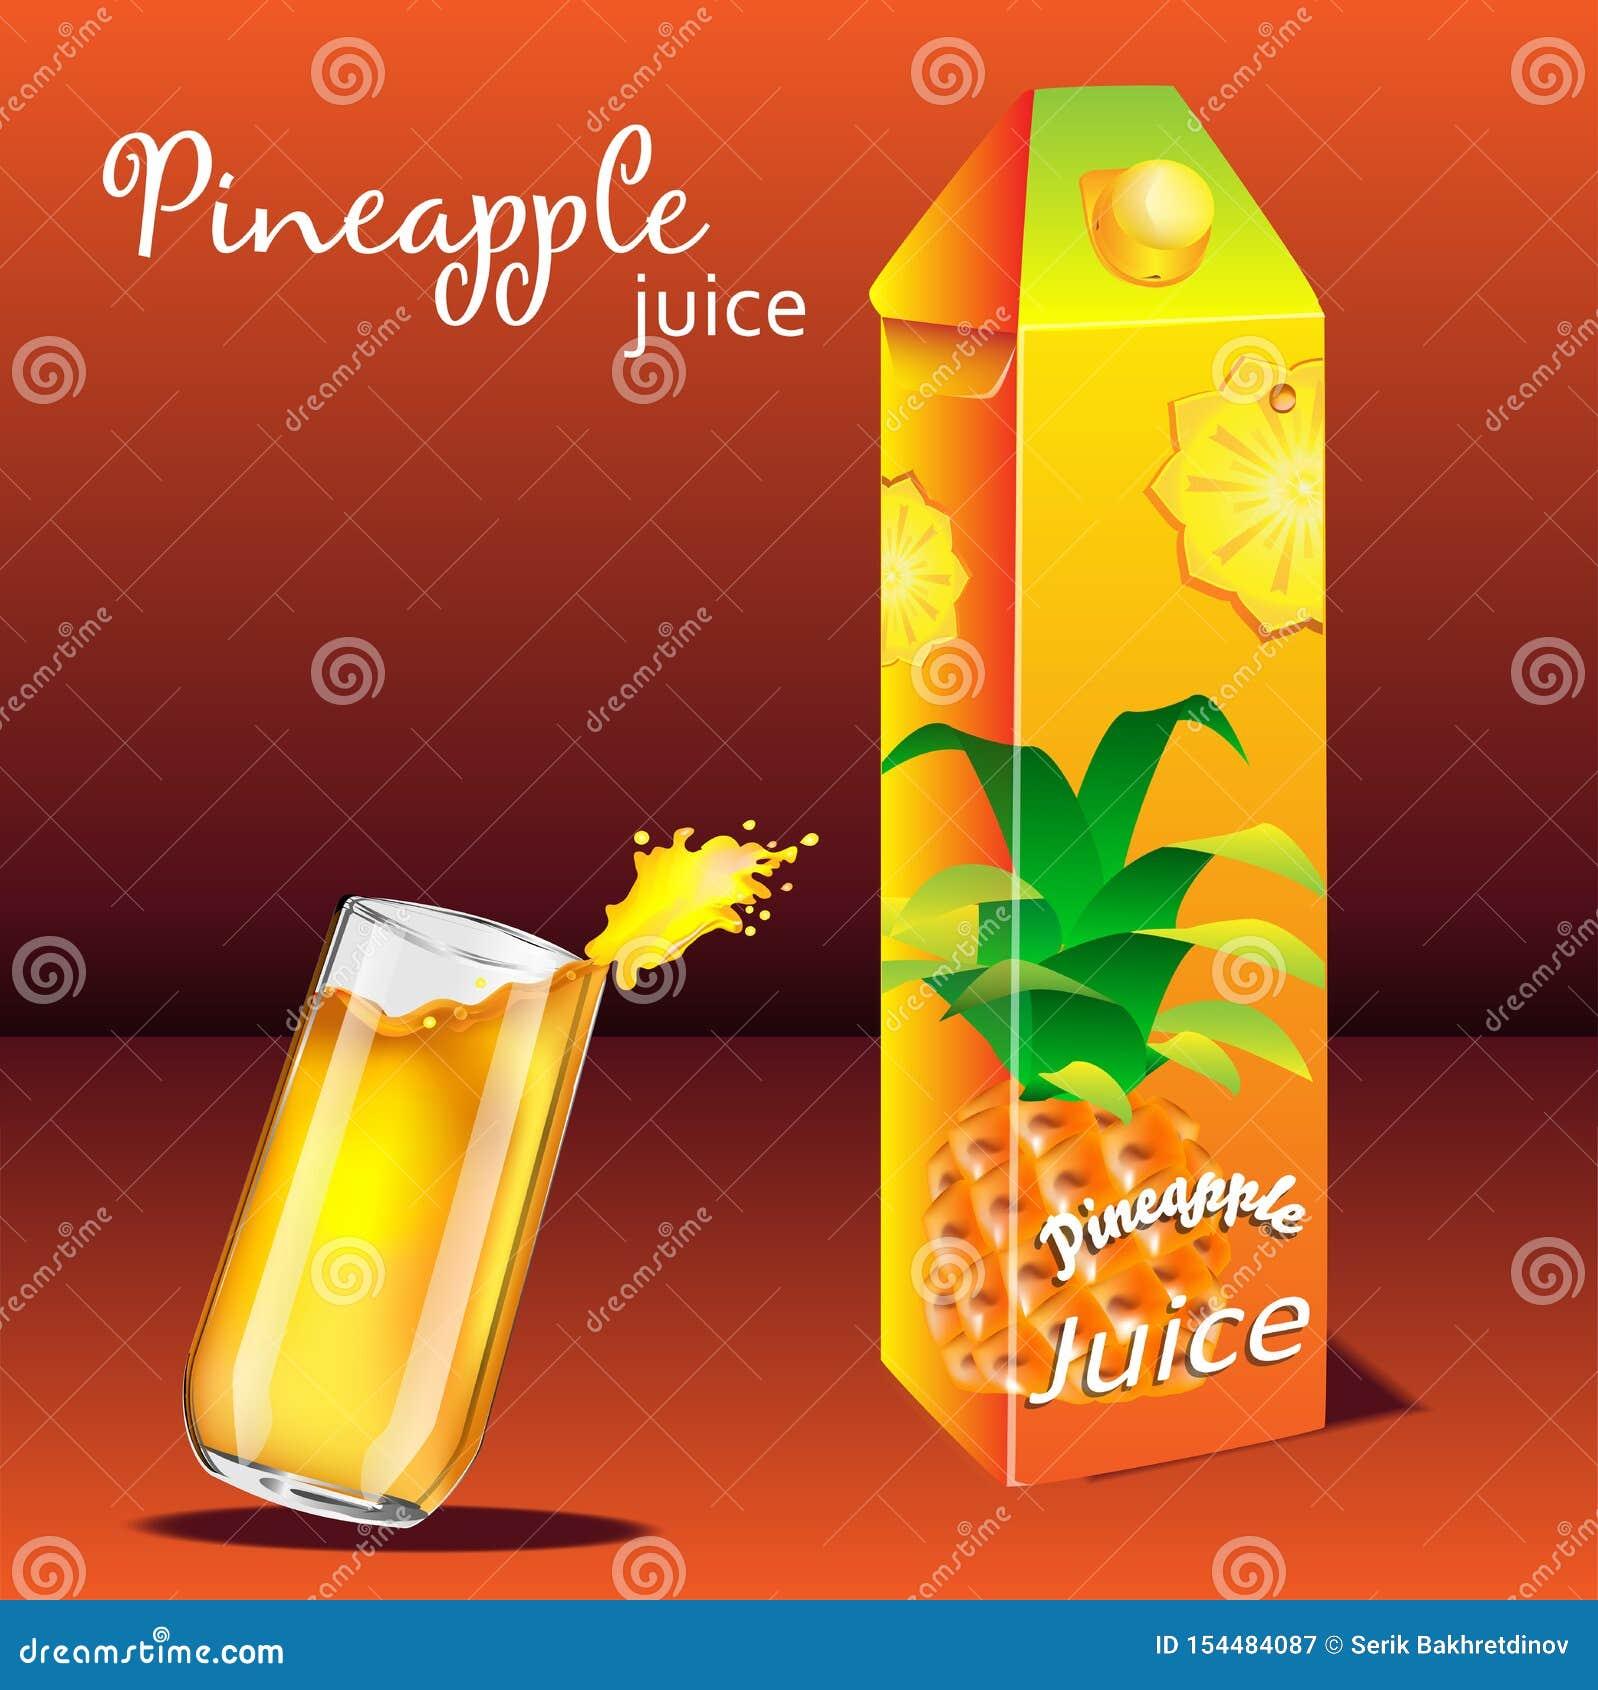 Ein Glas frischer Ananassaft und Verpacken von Ananas juic